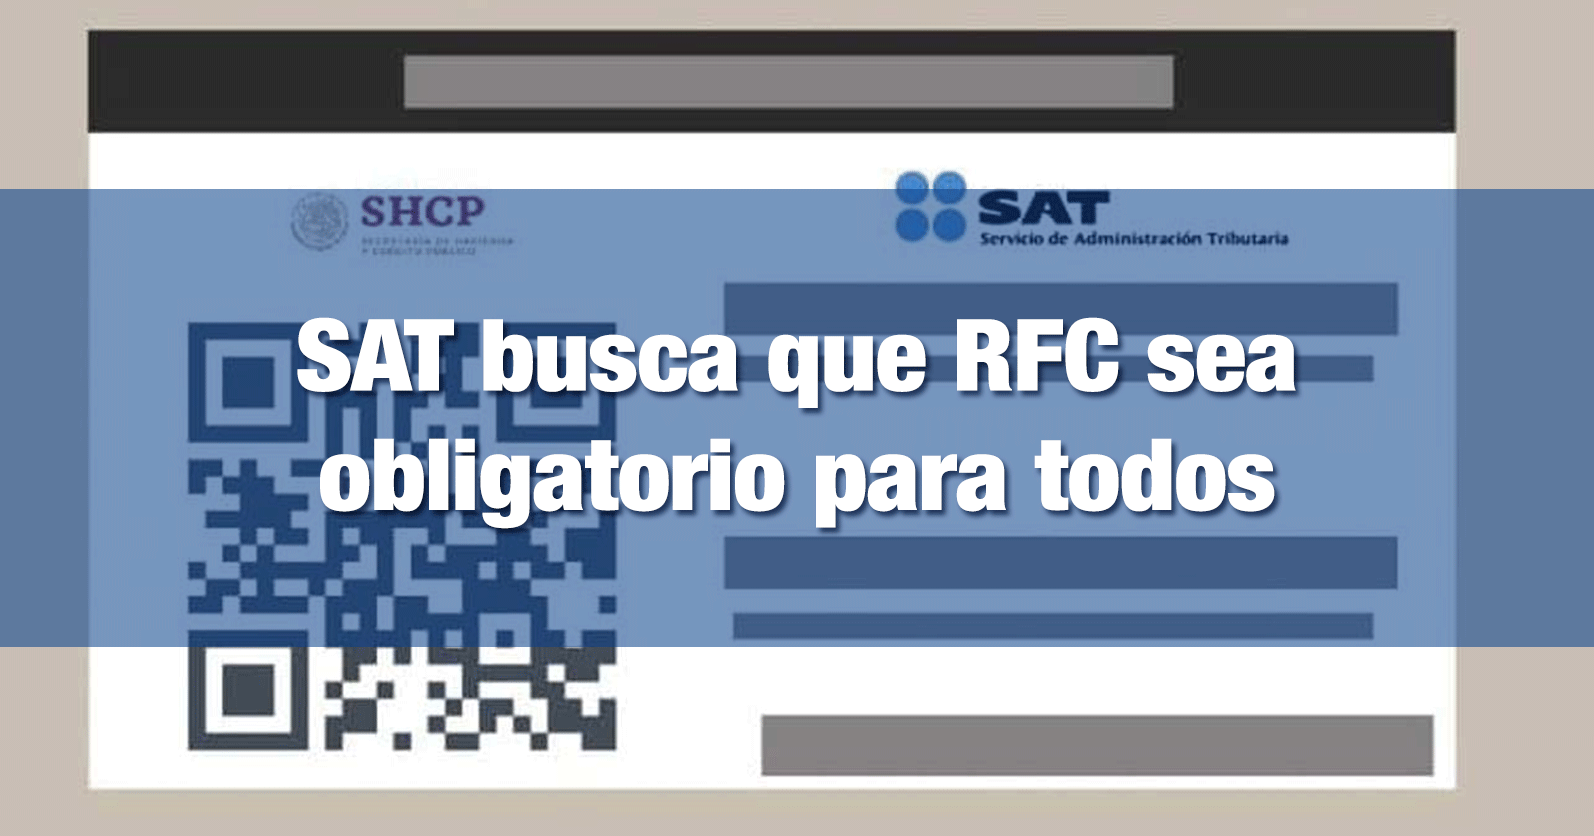 SAT busca que RFC sea obligatorio para todos